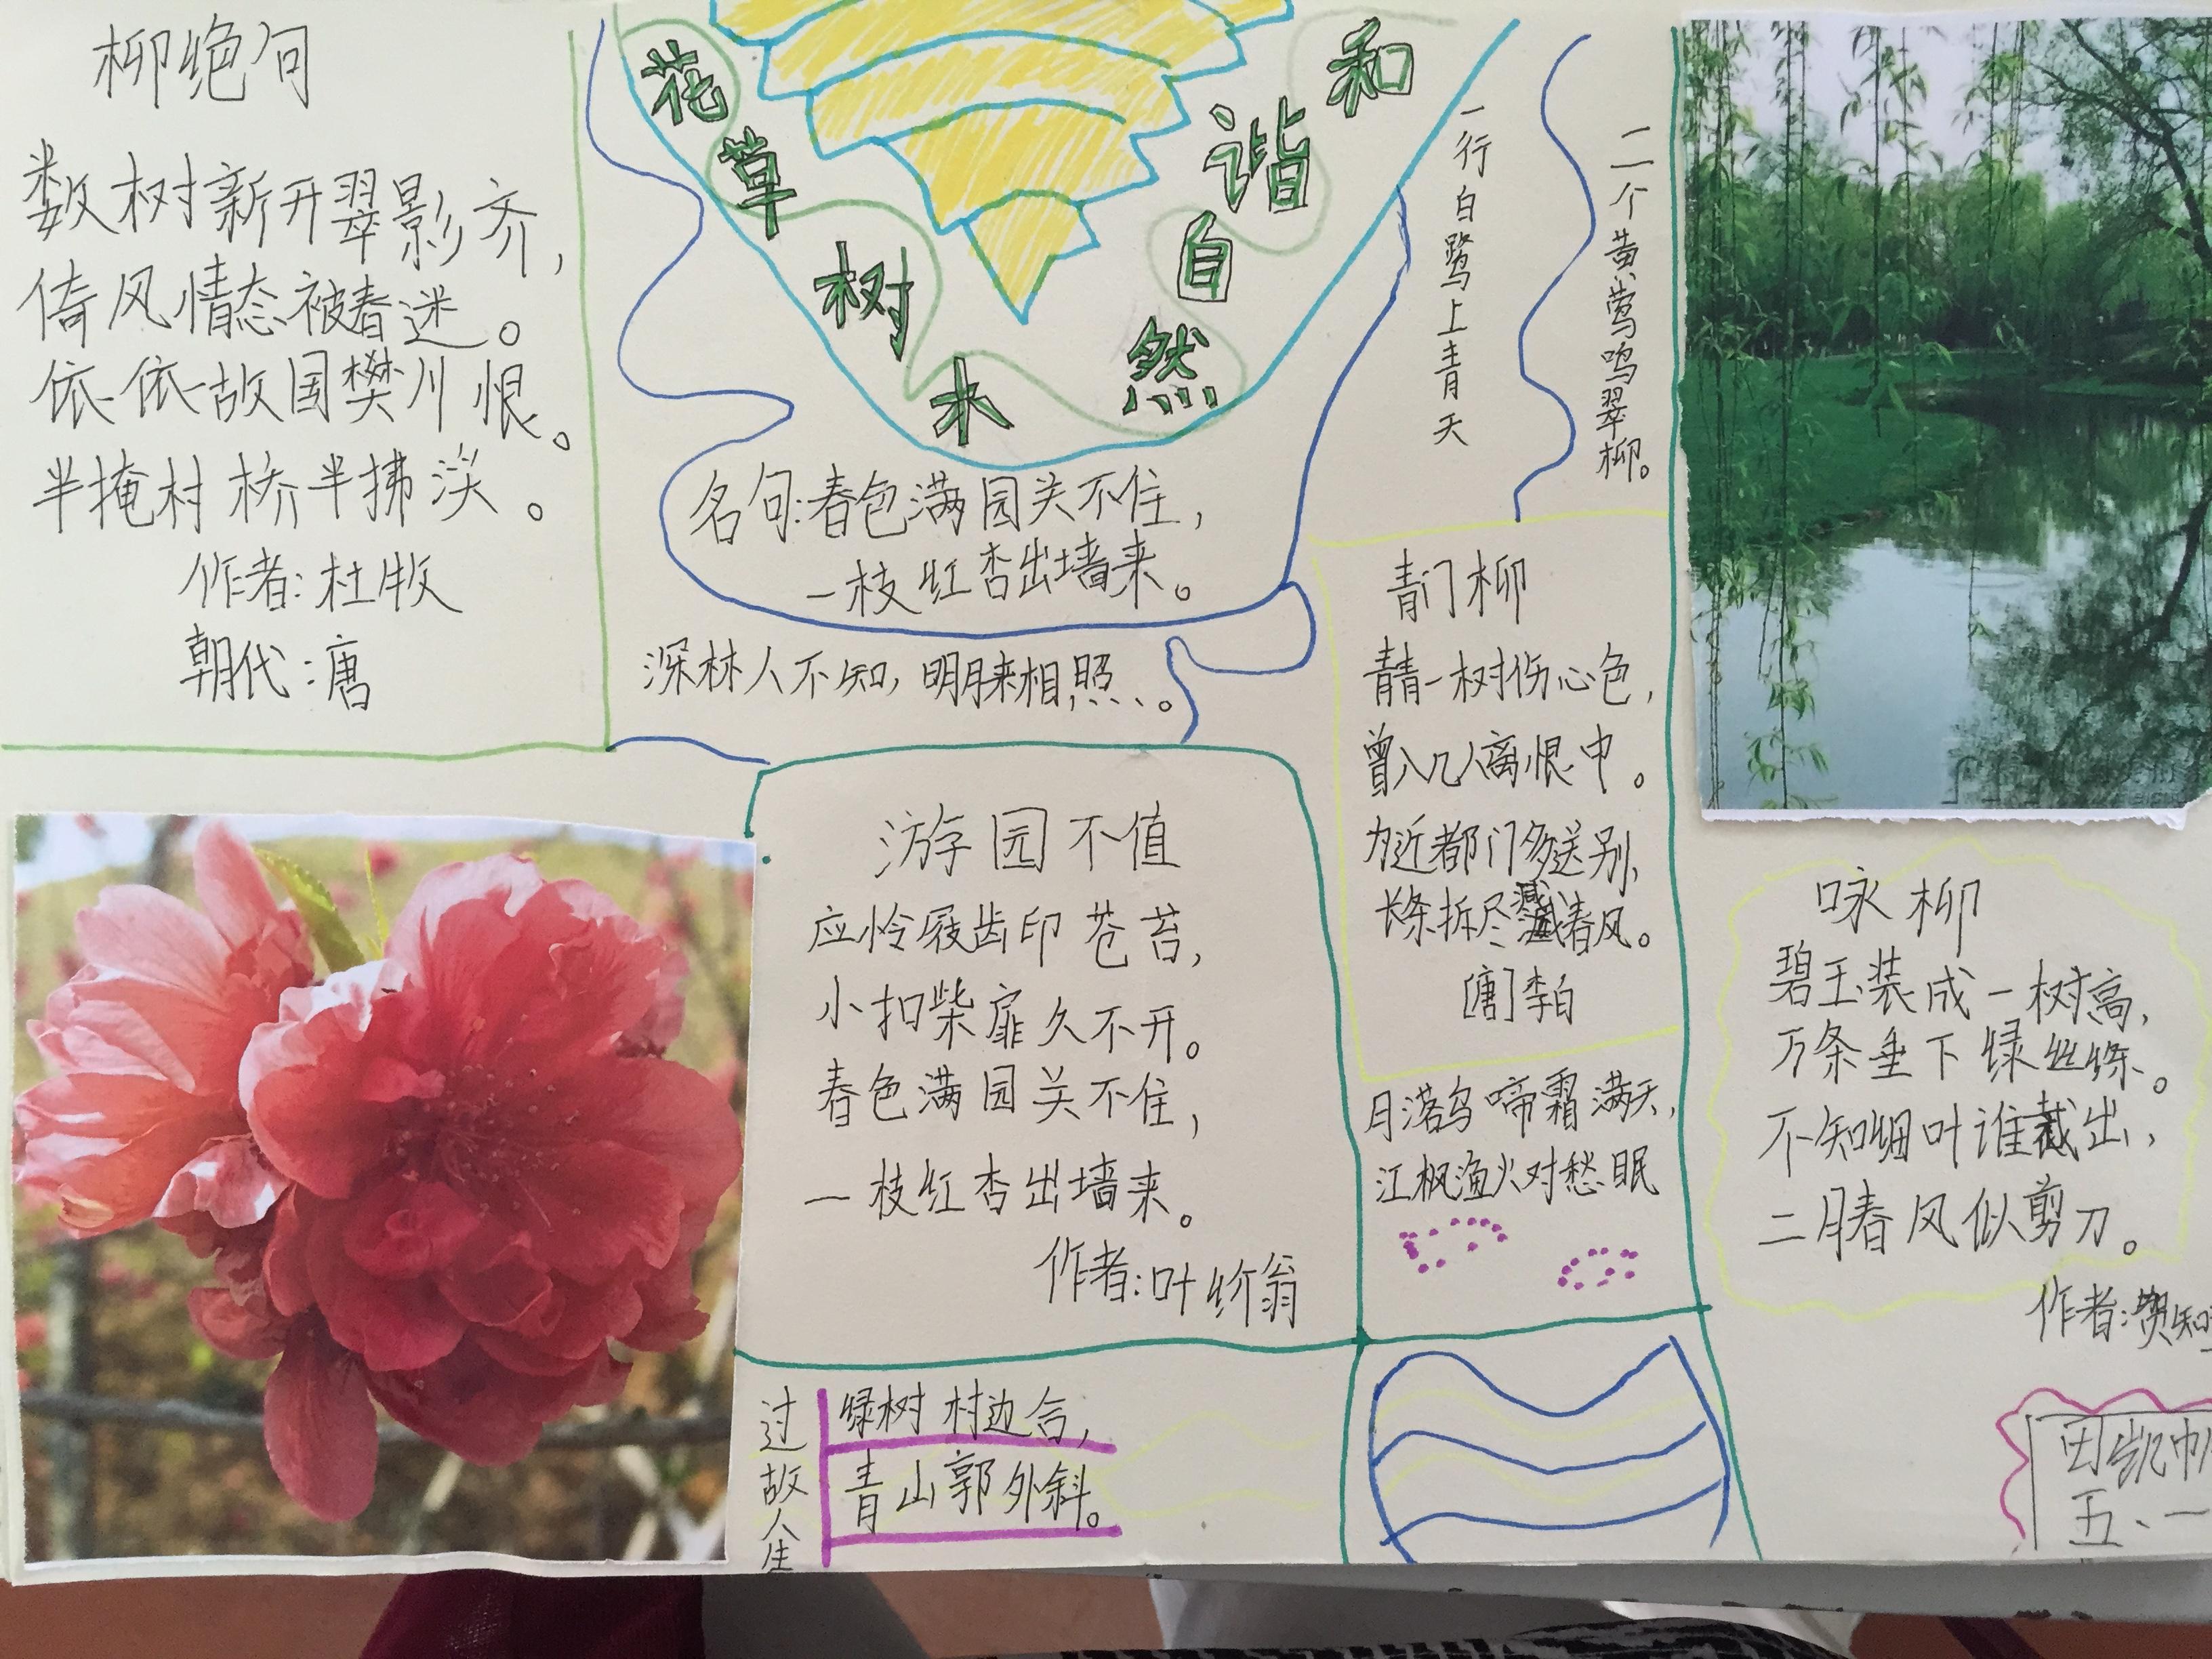 古诗文手抄报:花草树木 和谐自然